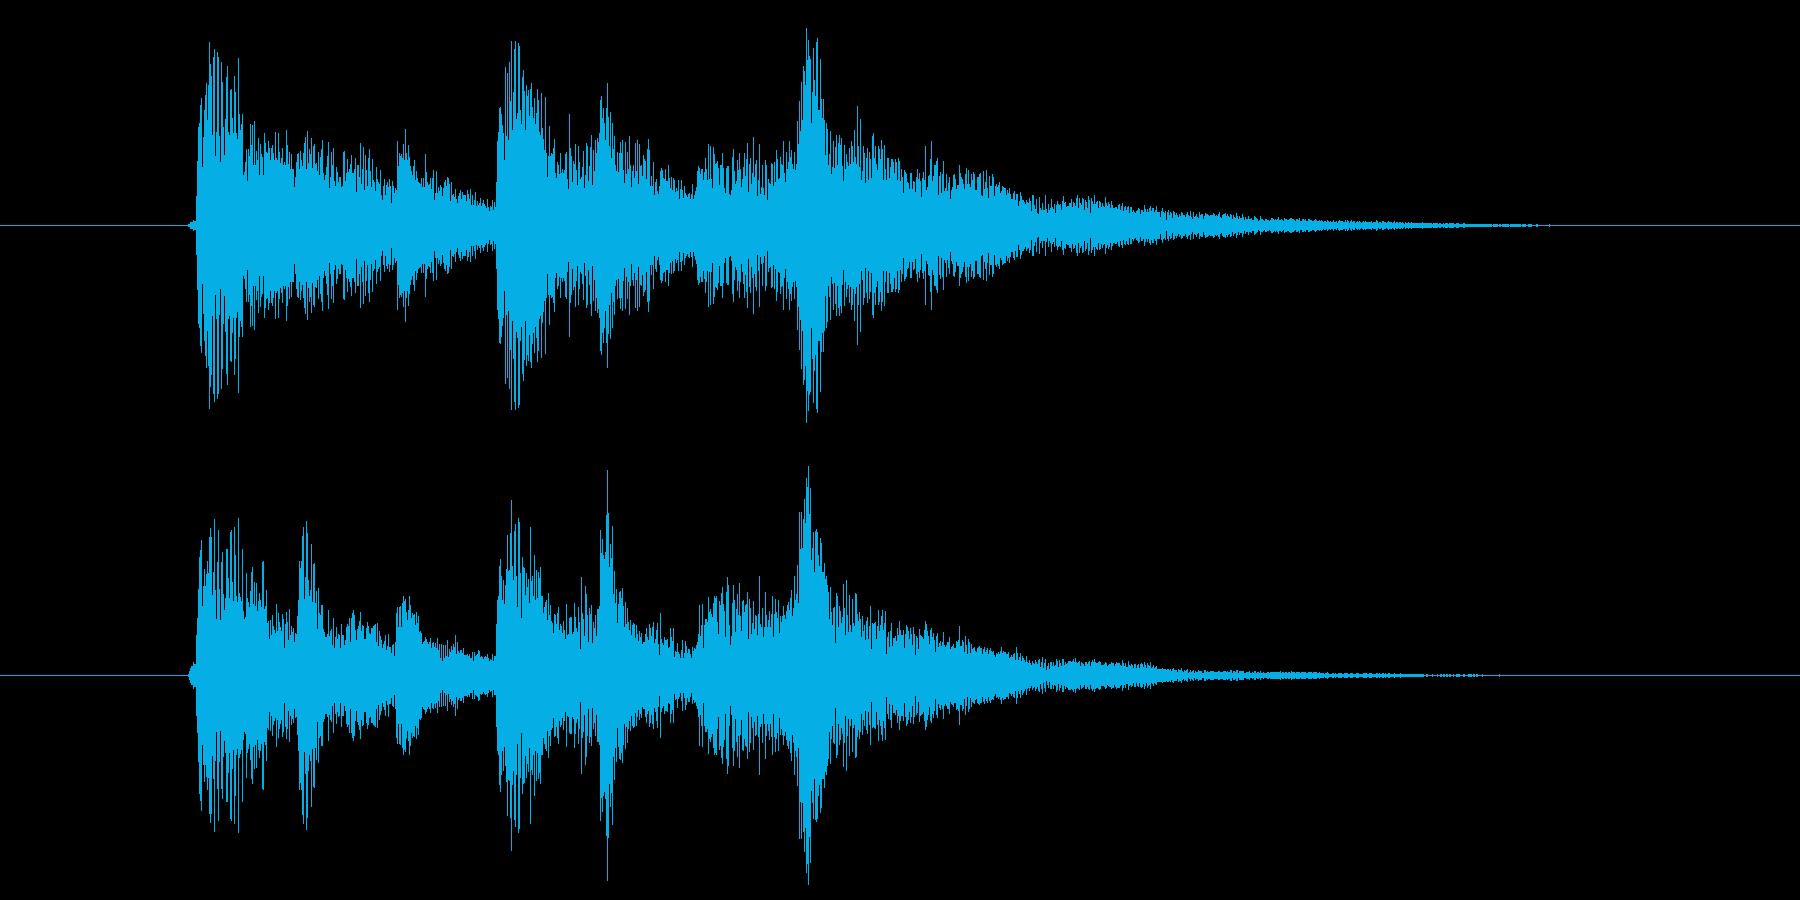 ビブラフォンが重なり合う深みあるポップスの再生済みの波形